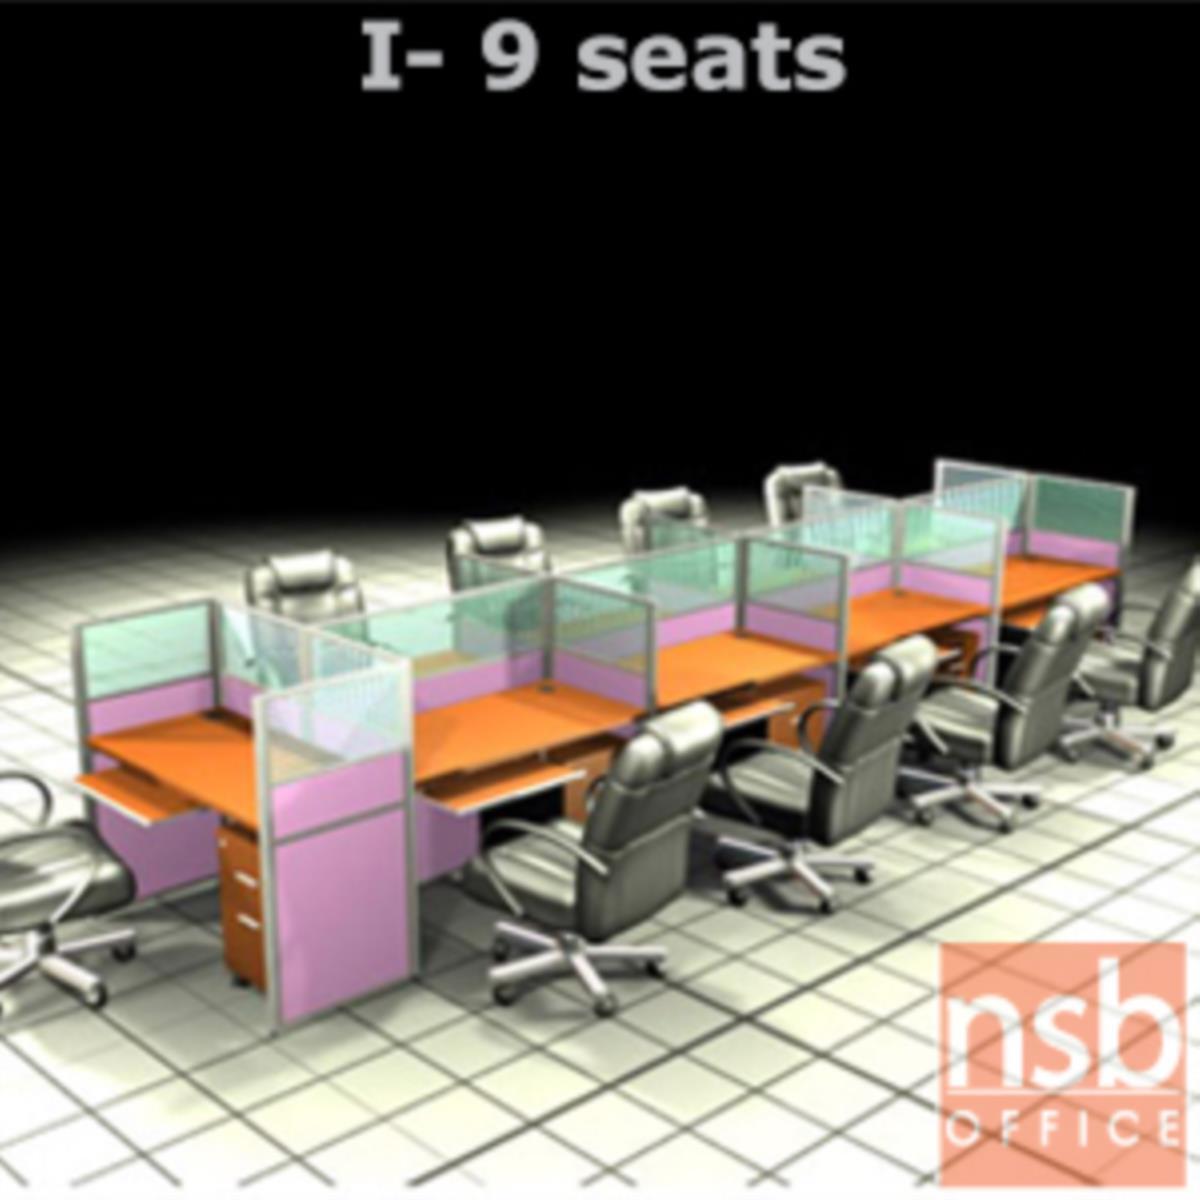 A04A096:ชุดโต๊ะทำงานกลุ่ม 9 ที่นั่ง  ขนาดรวม 550W*126D cm. พร้อมพาร์ทิชั่นครึ่งกระจกขัดลาย